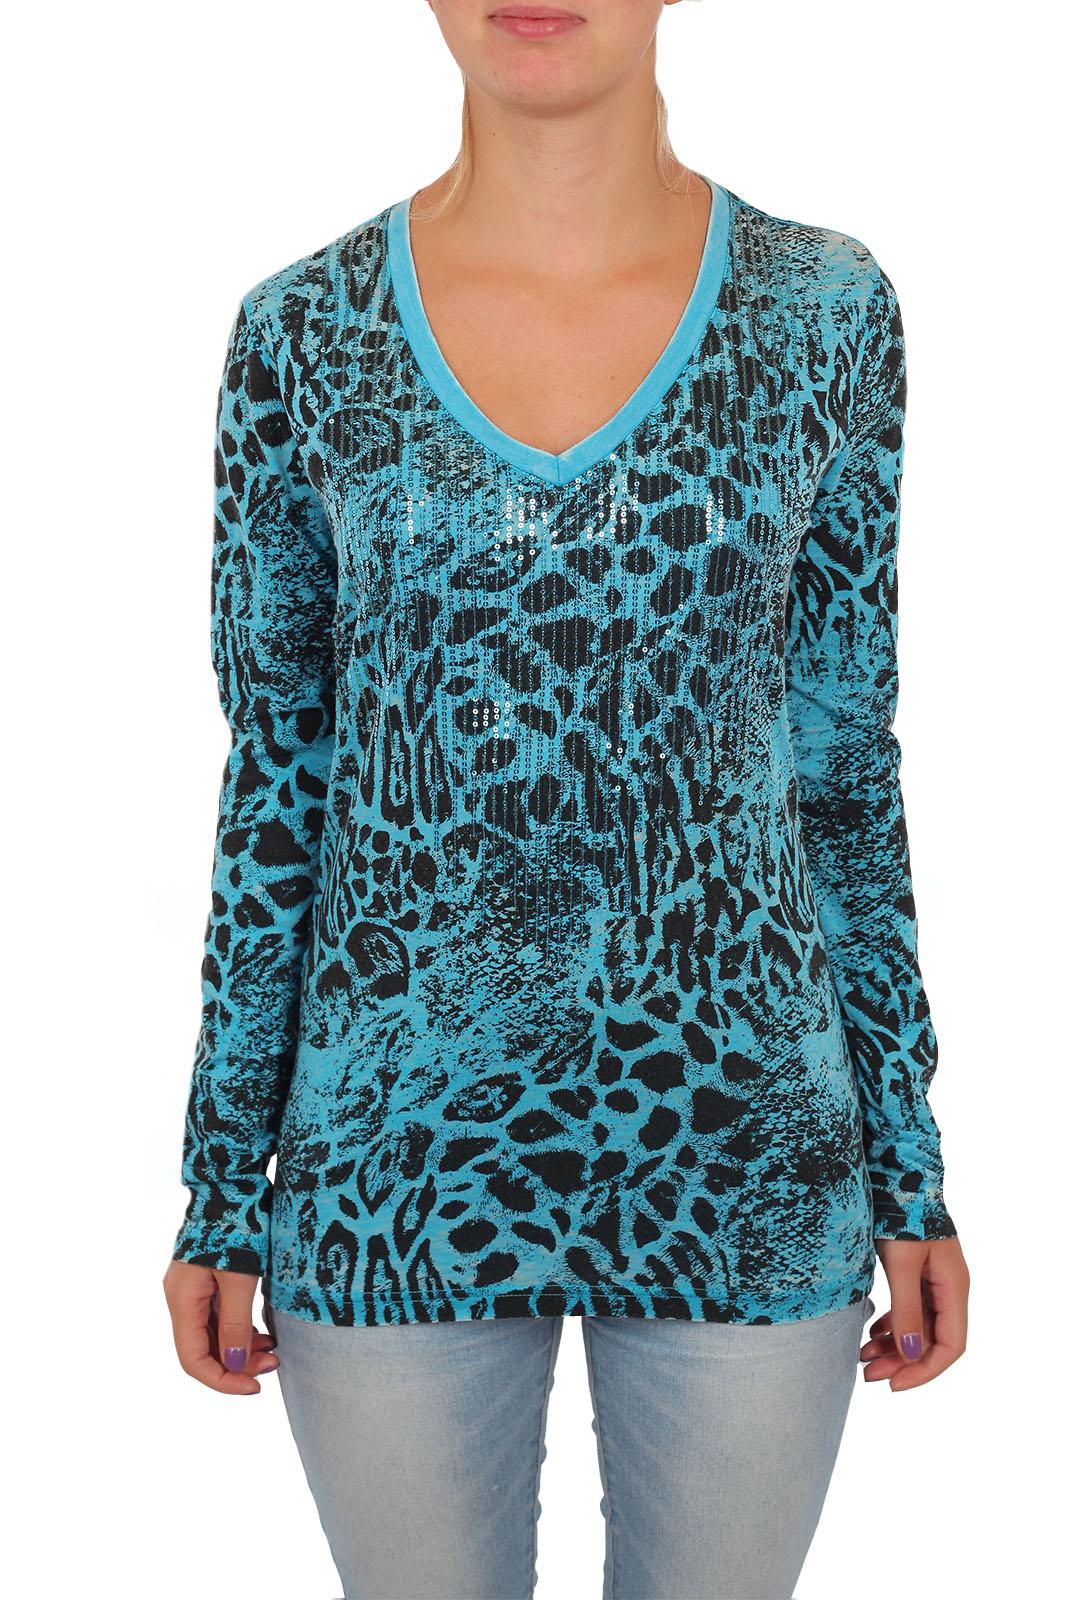 Стильне пуловеры для девушек по сниженным ценам